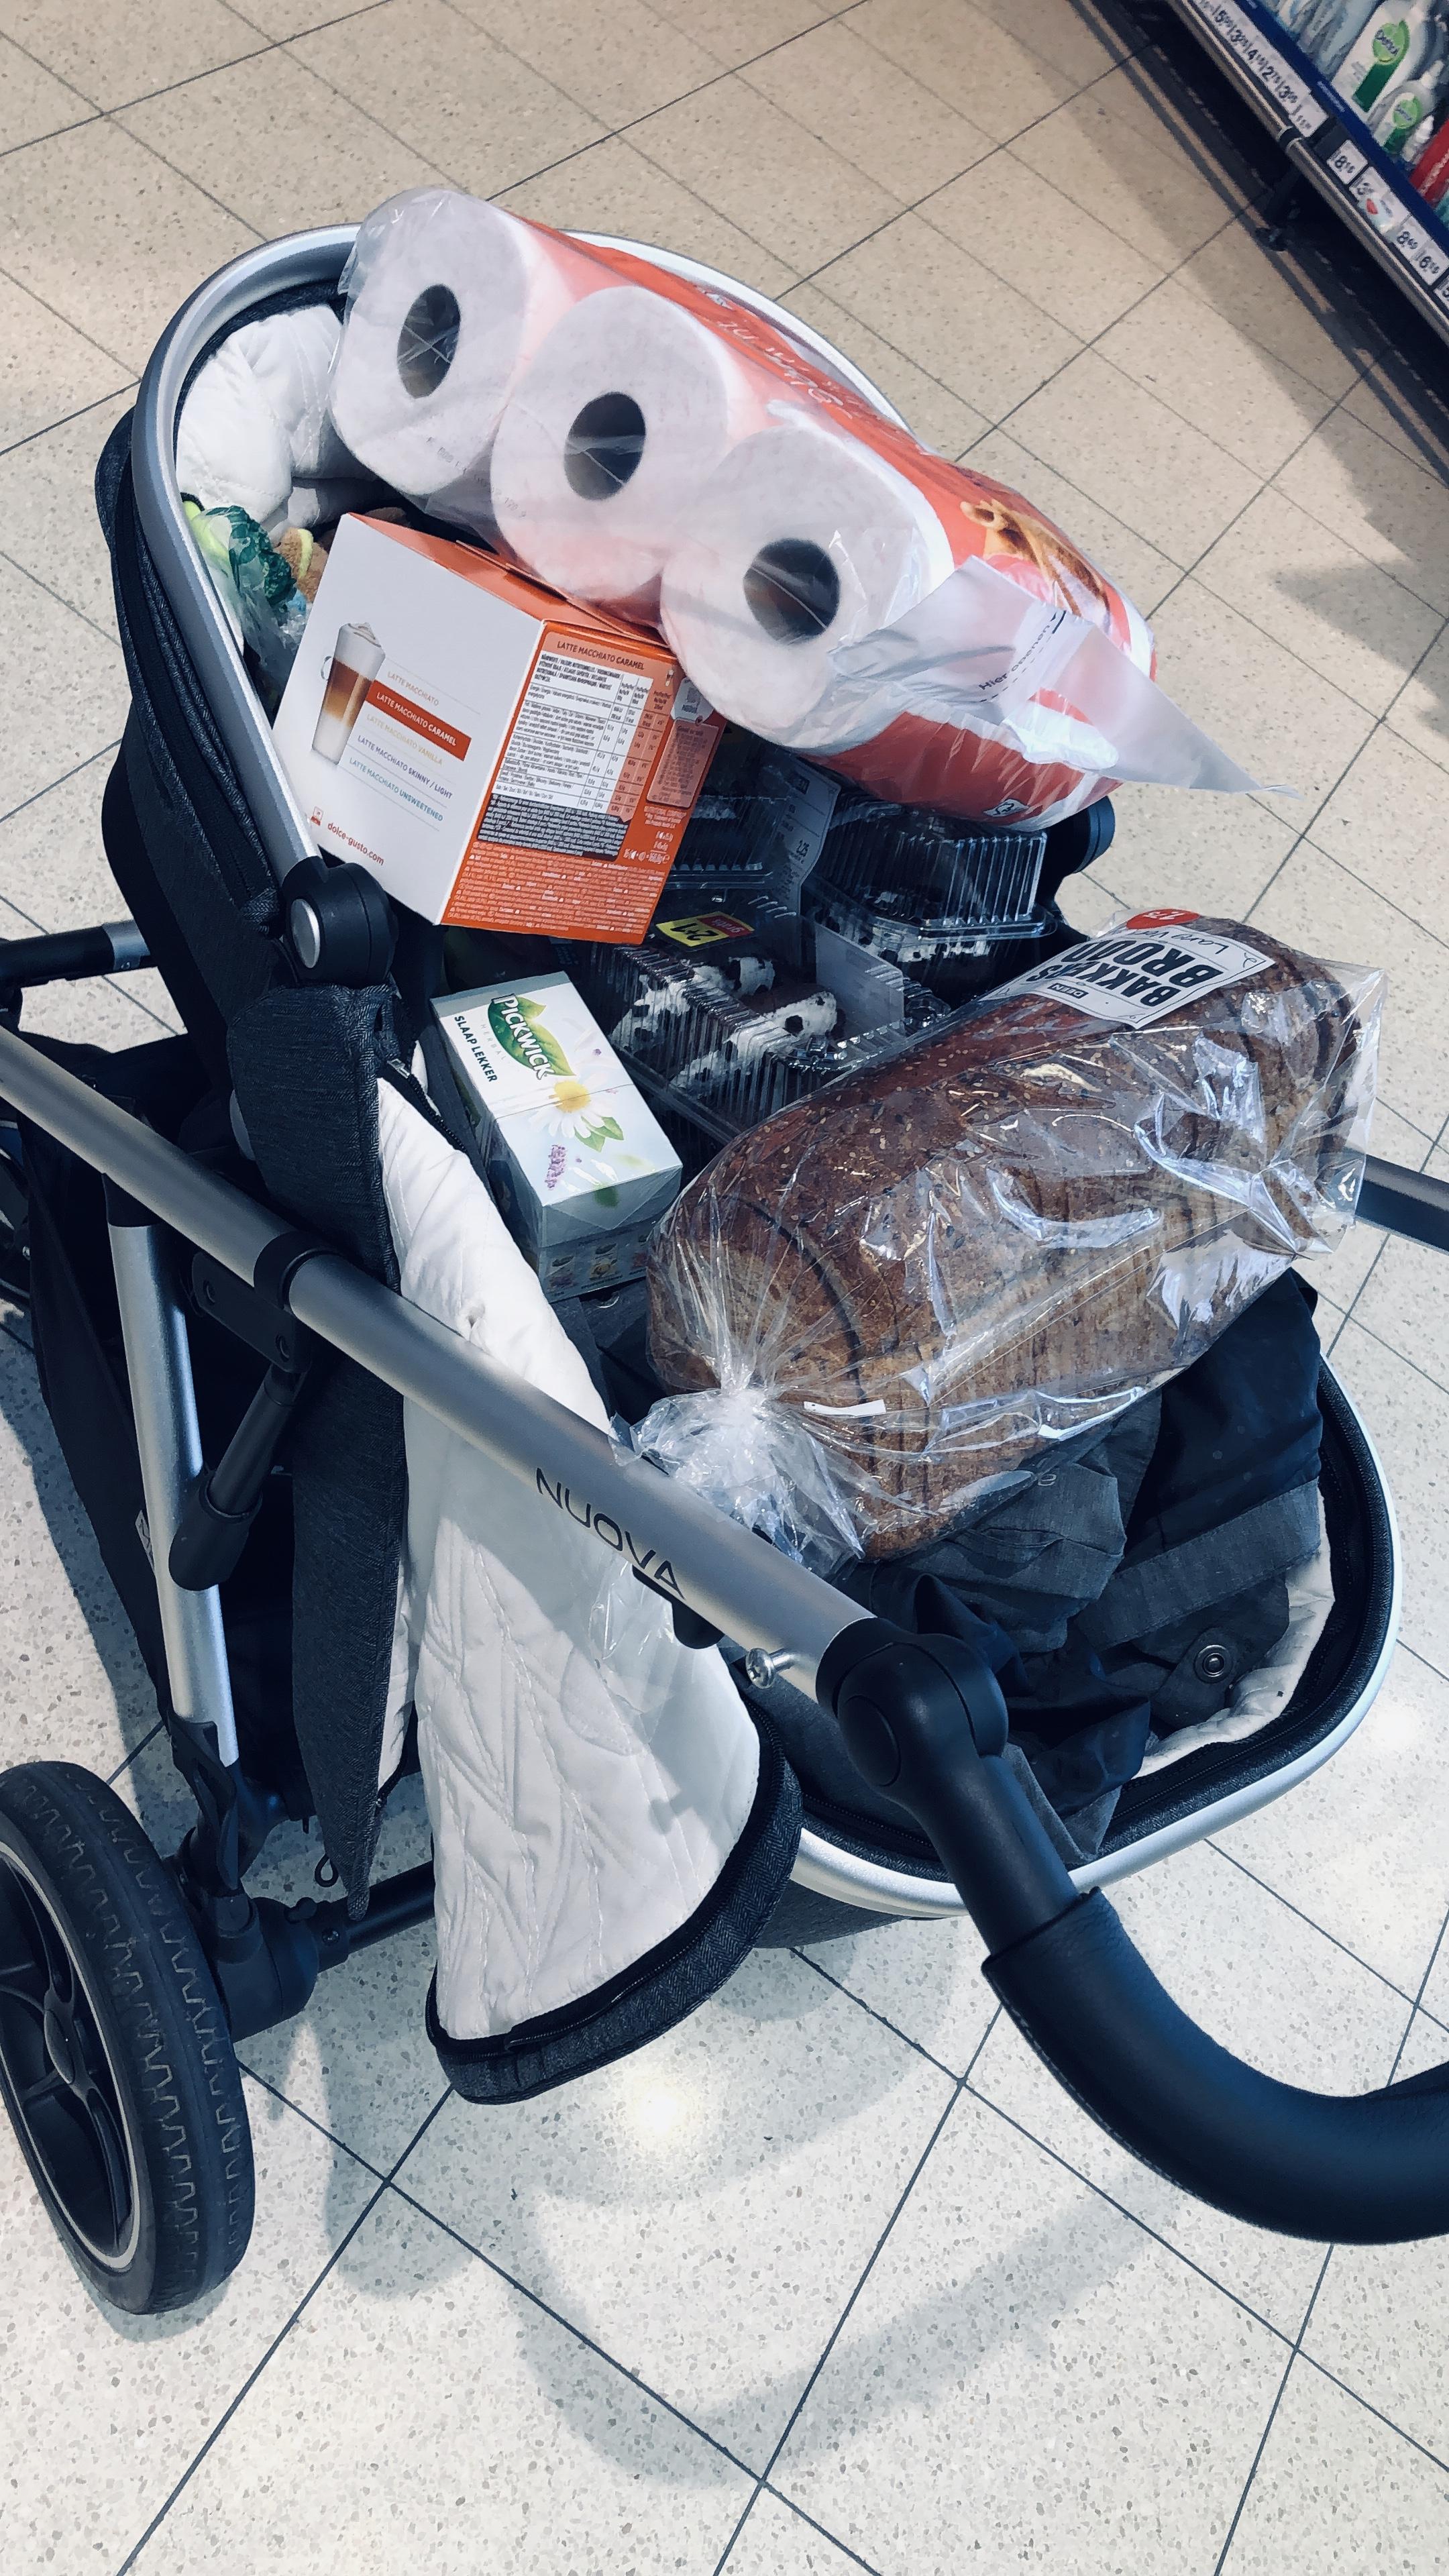 Vollbepackter Kinderwagen